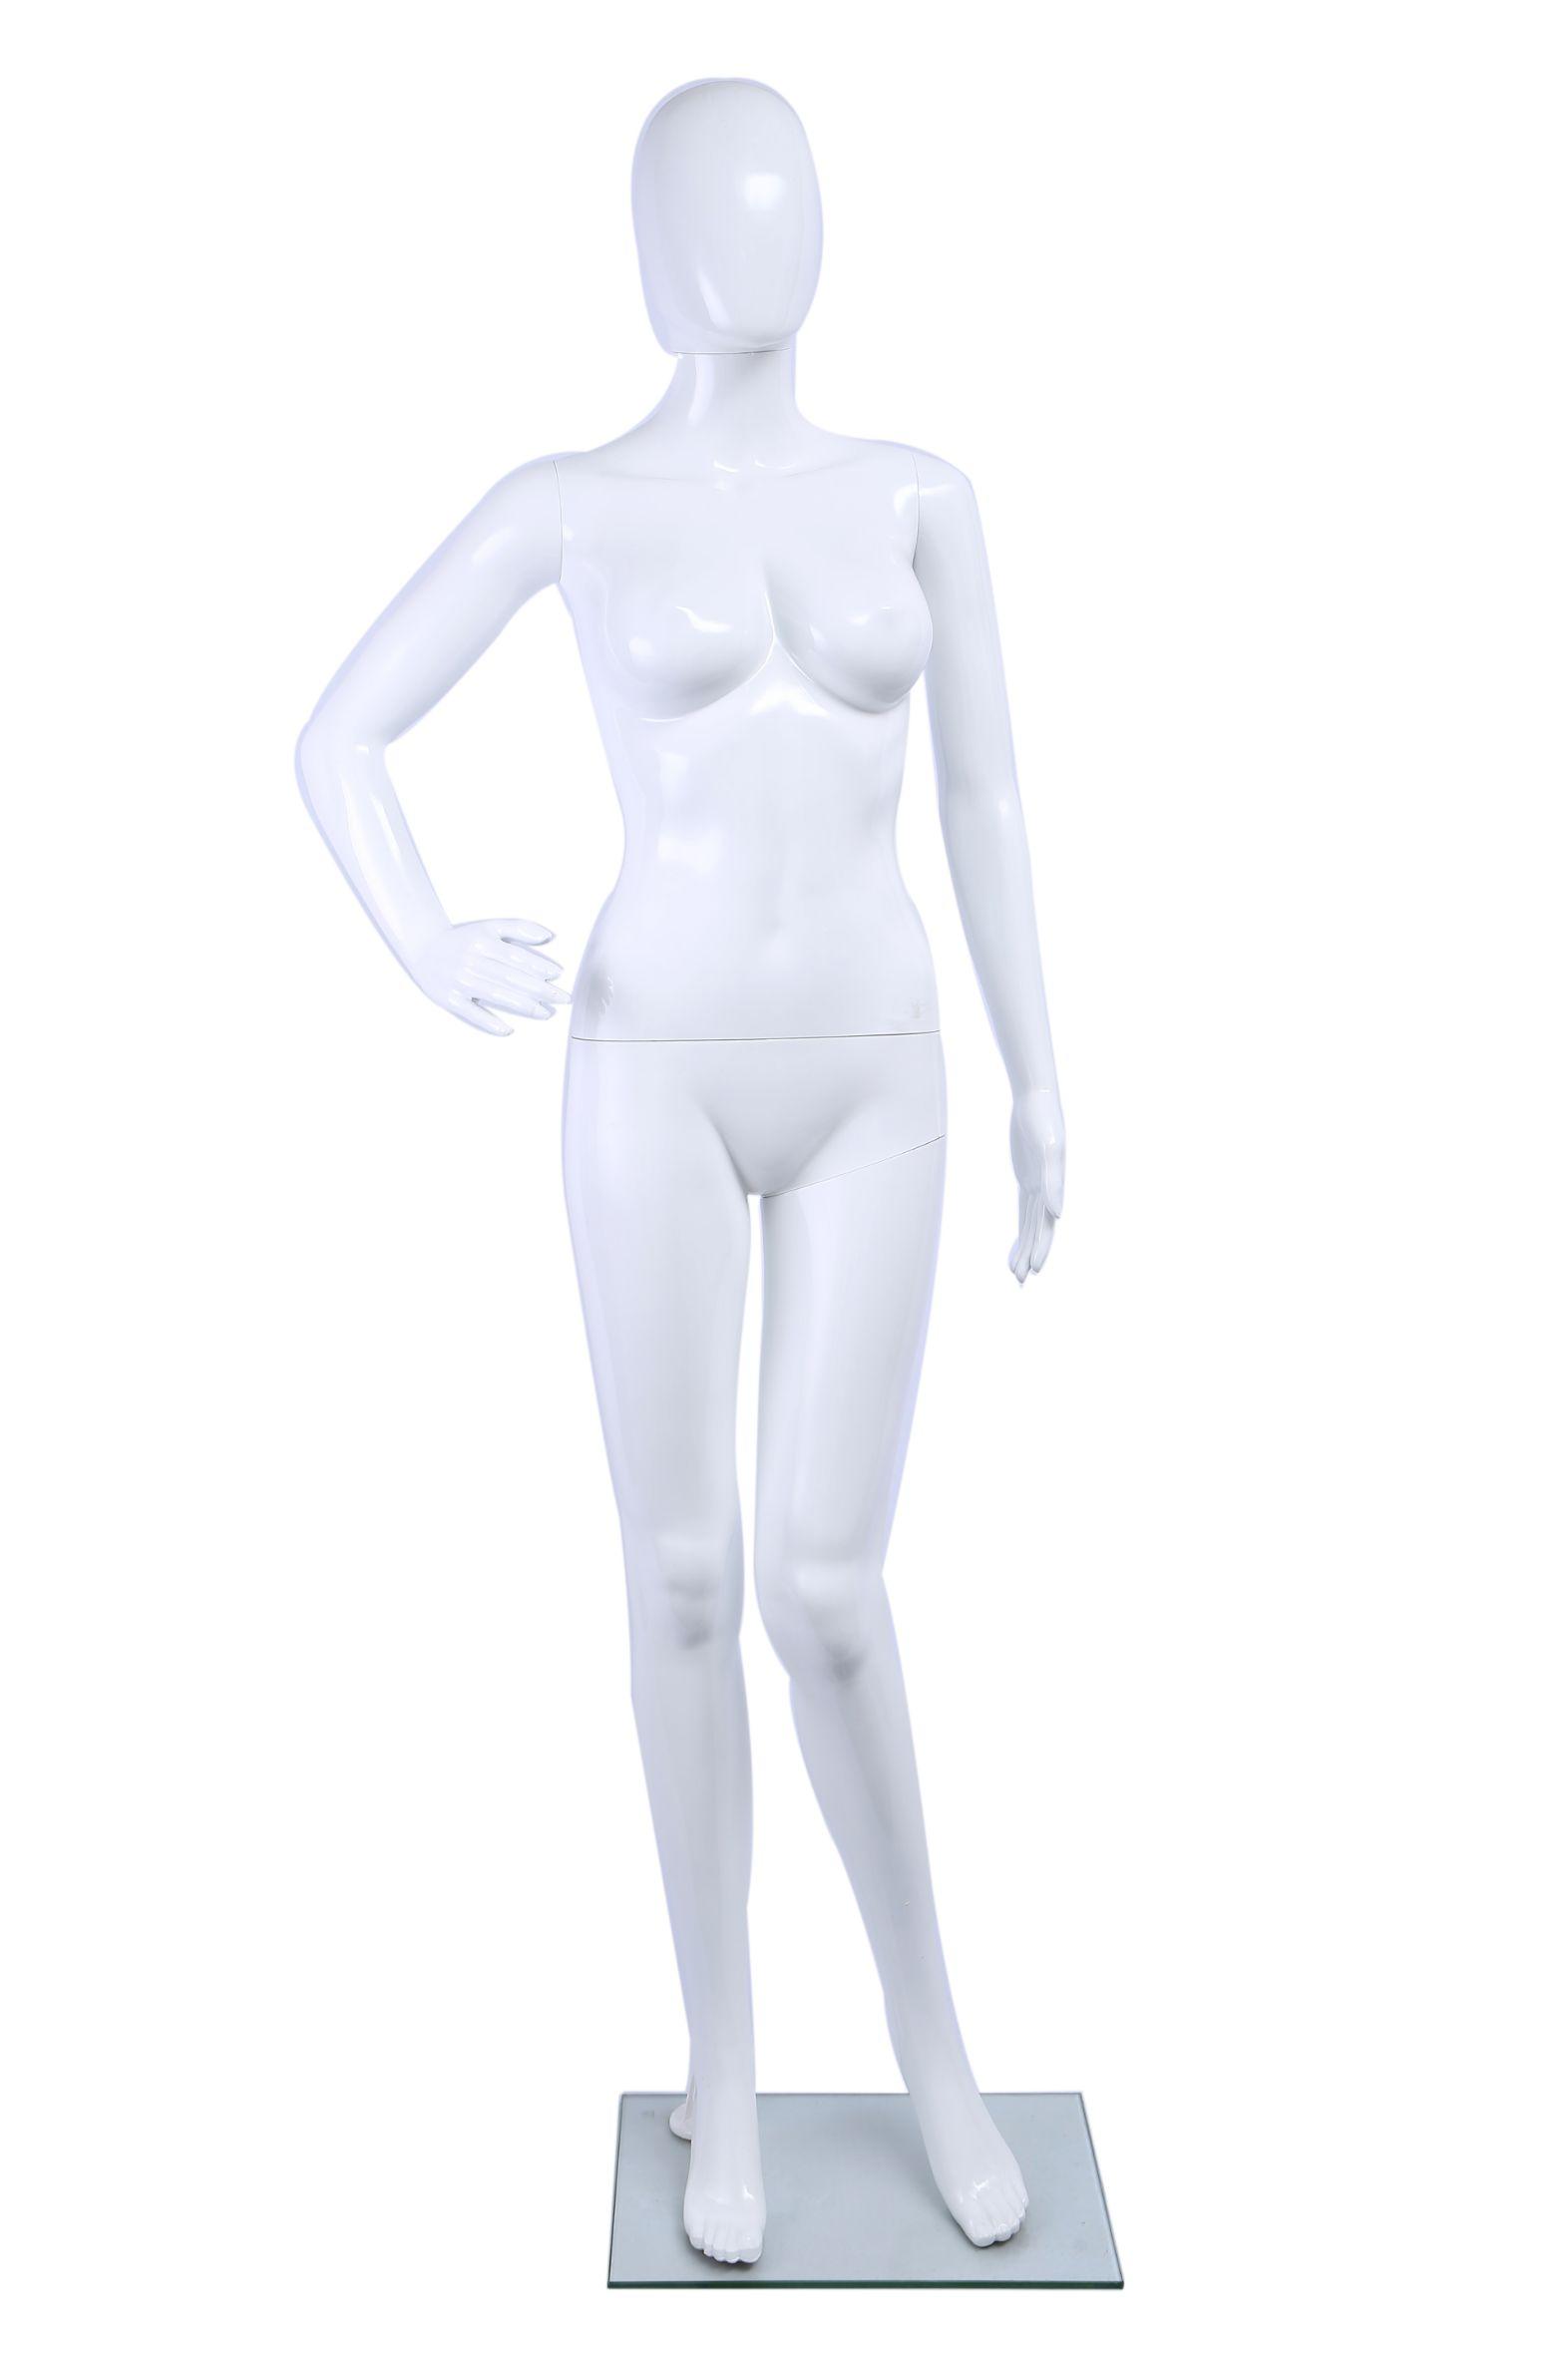 衣架模特厂家直销高档喷漆亮光白色高光女模婚纱展示道具